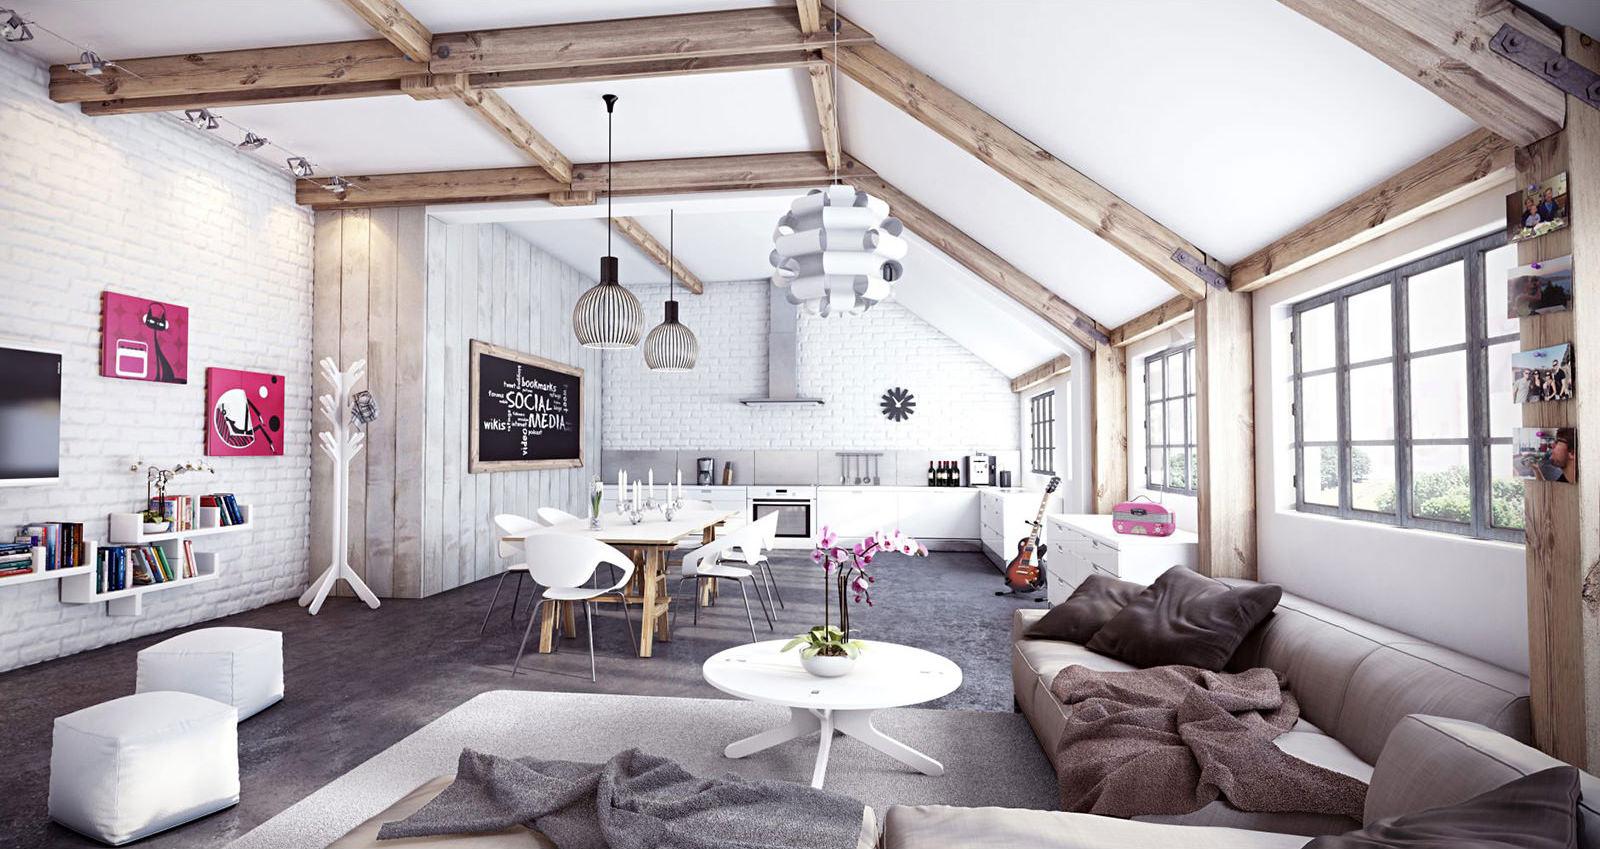 Интерьер квартиры в скандинавском стиле с потолочными балками из светлого дерева